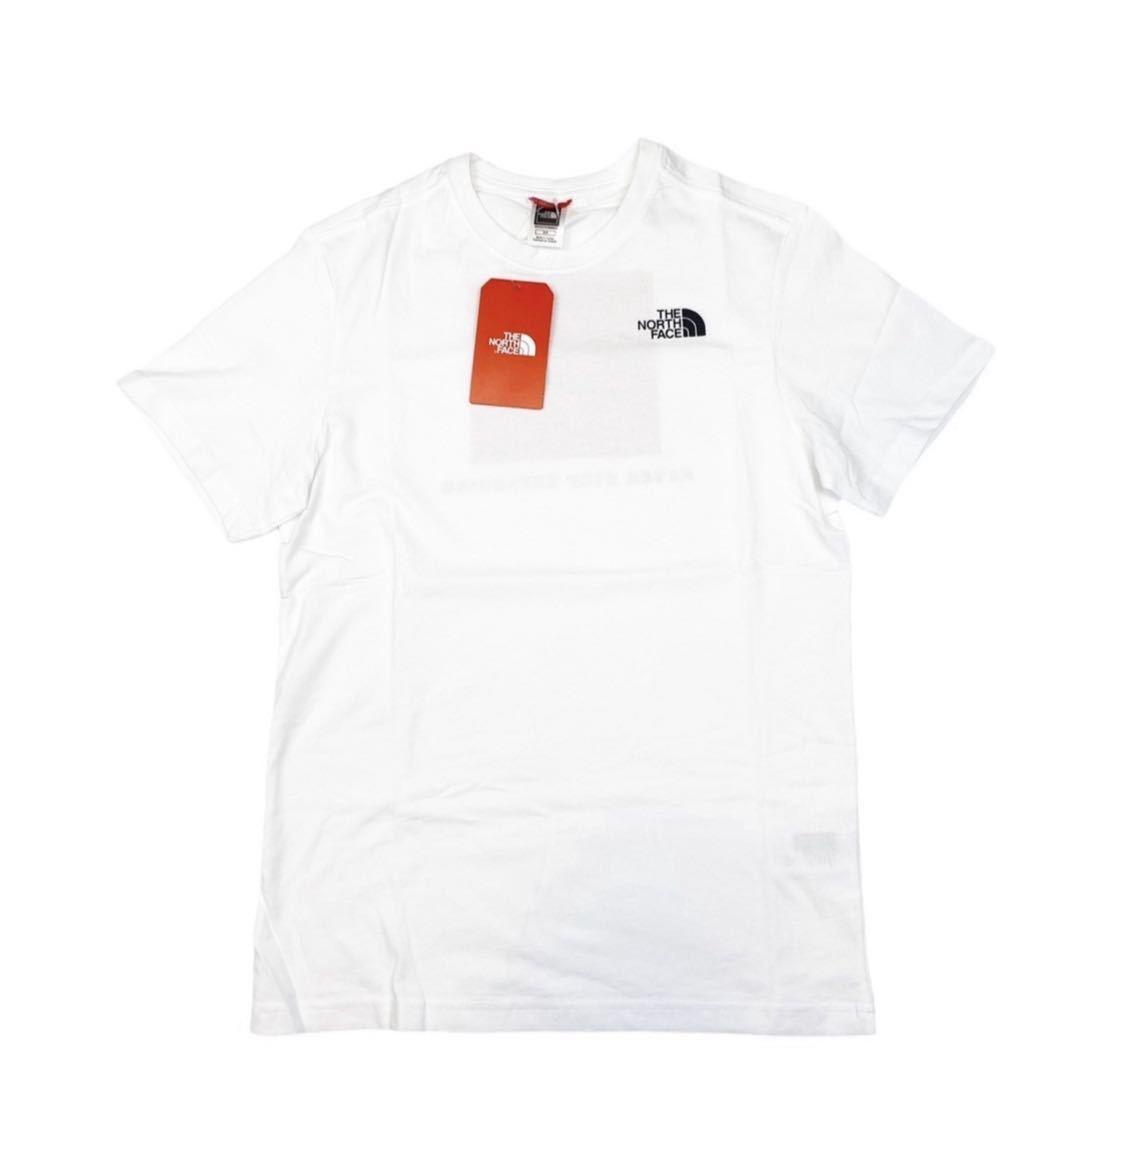 ザ ノースフェイス Tシャツ レッドボックス 半袖 NF0A2TX2 ロゴ バックロゴ ホワイト Mサイズ THE NORTH FACE SS RED BOX TEE 新品